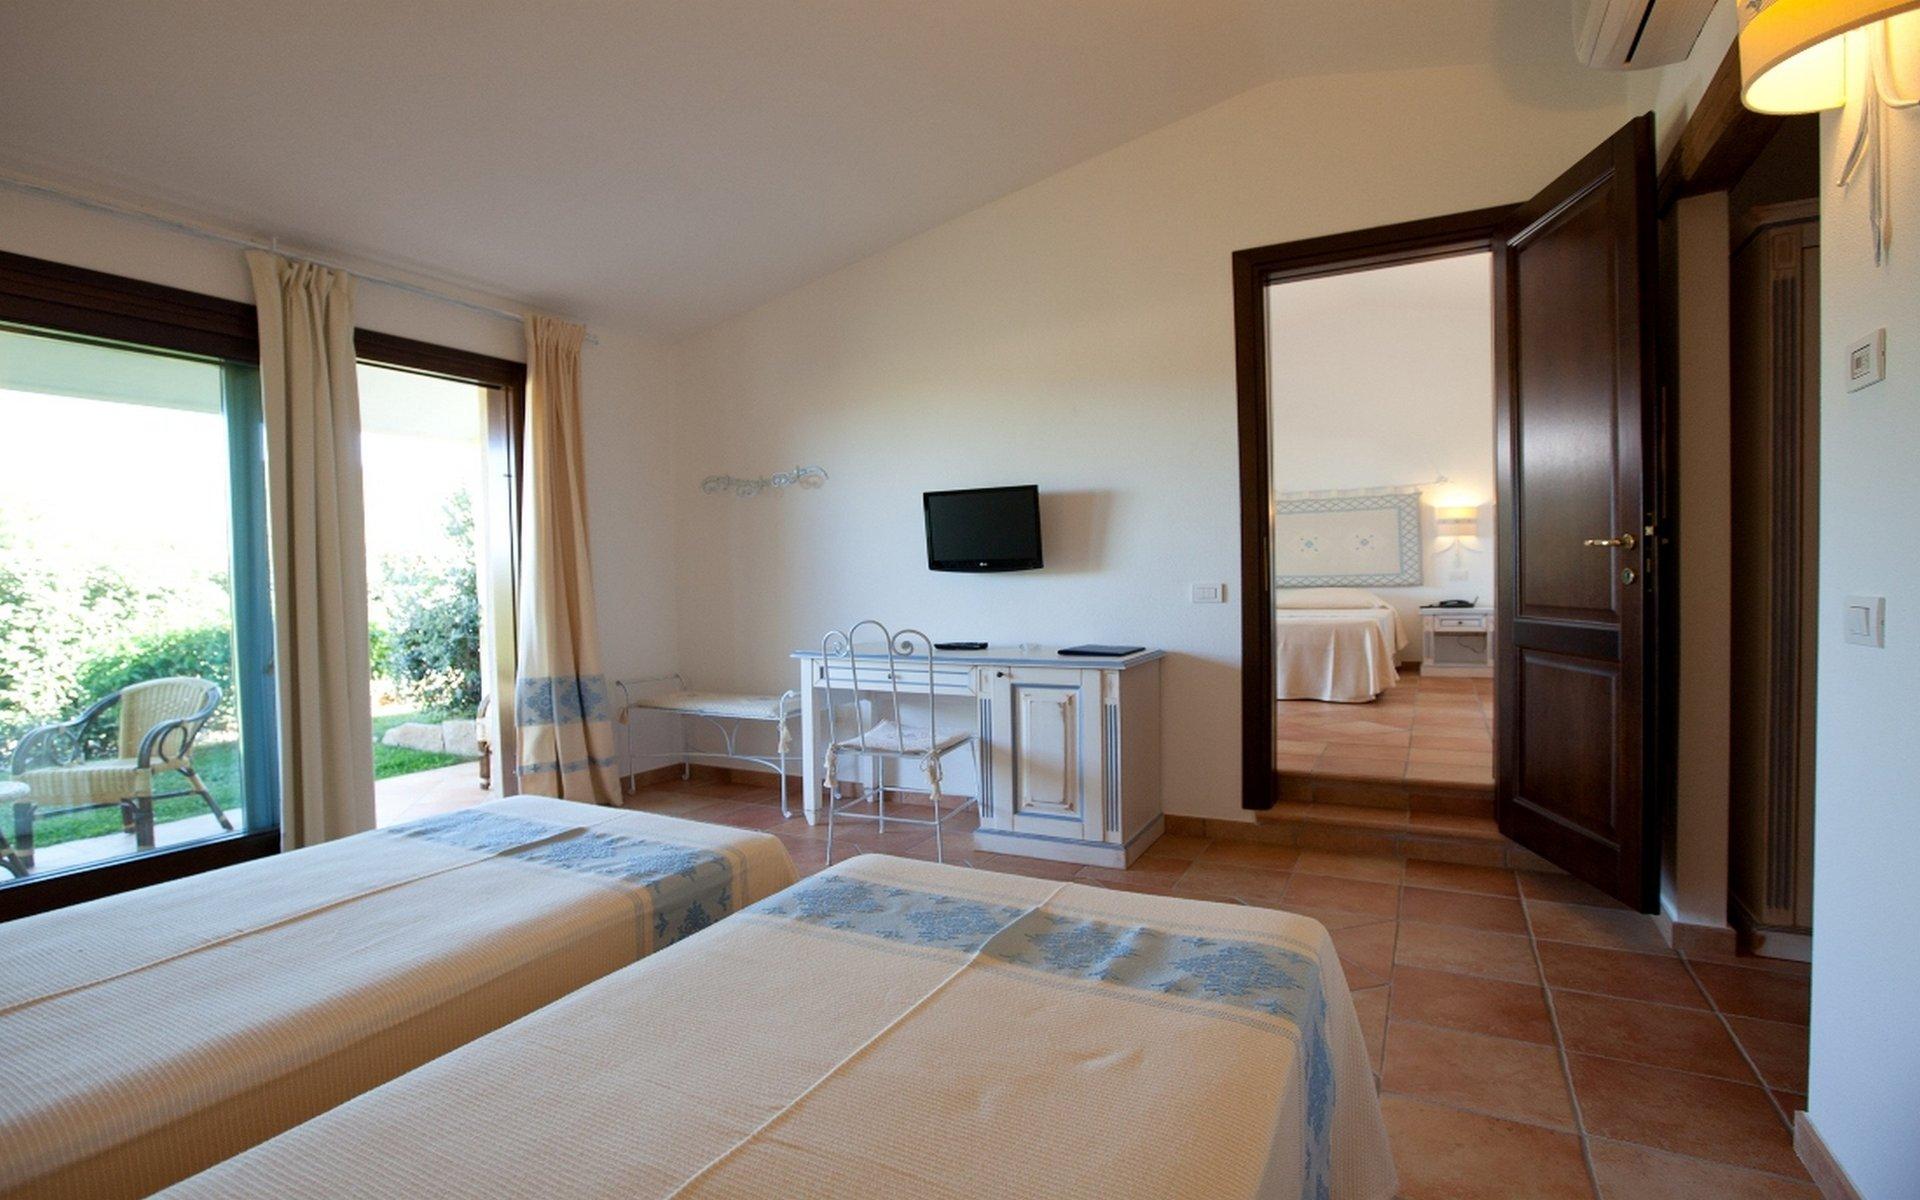 Vacanze sul mare san teodoro hotel costa caddu for San teodoro appartamenti sul mare